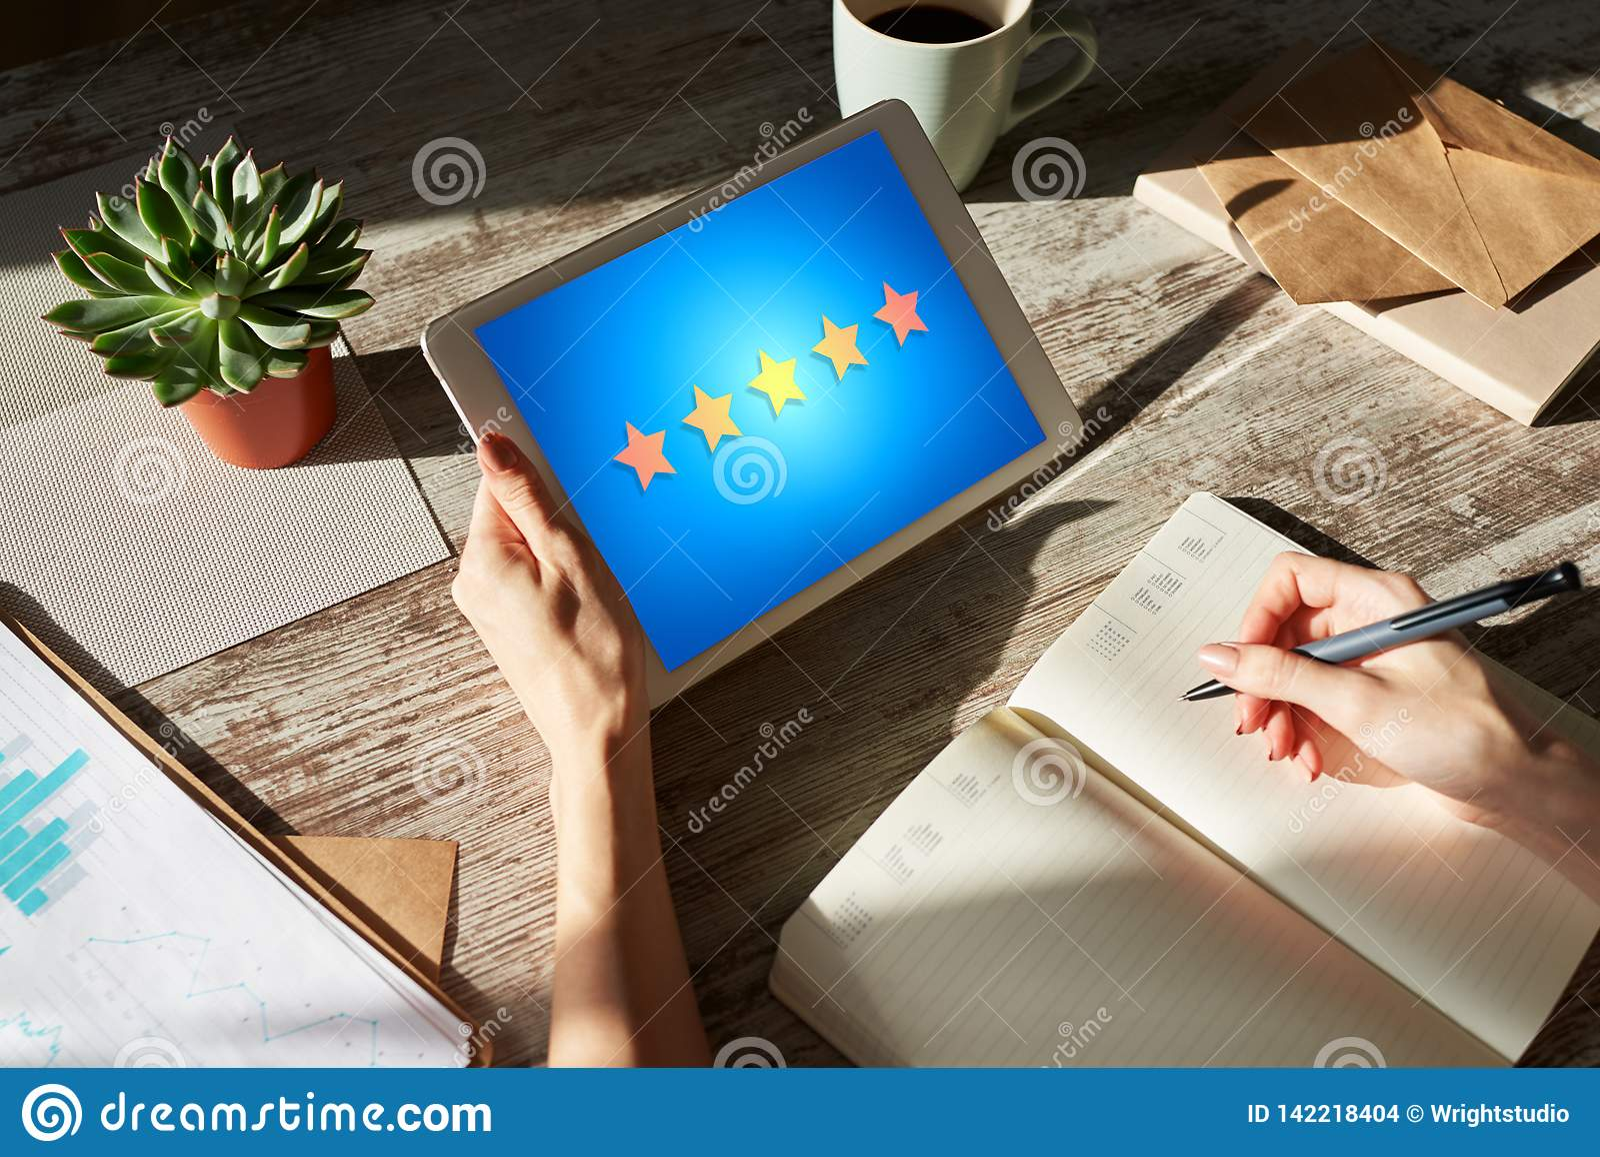 Satisfacción de la experiencia del cliente, reacción, comentario Protagoniza el icono en la pantalla del dispositivo